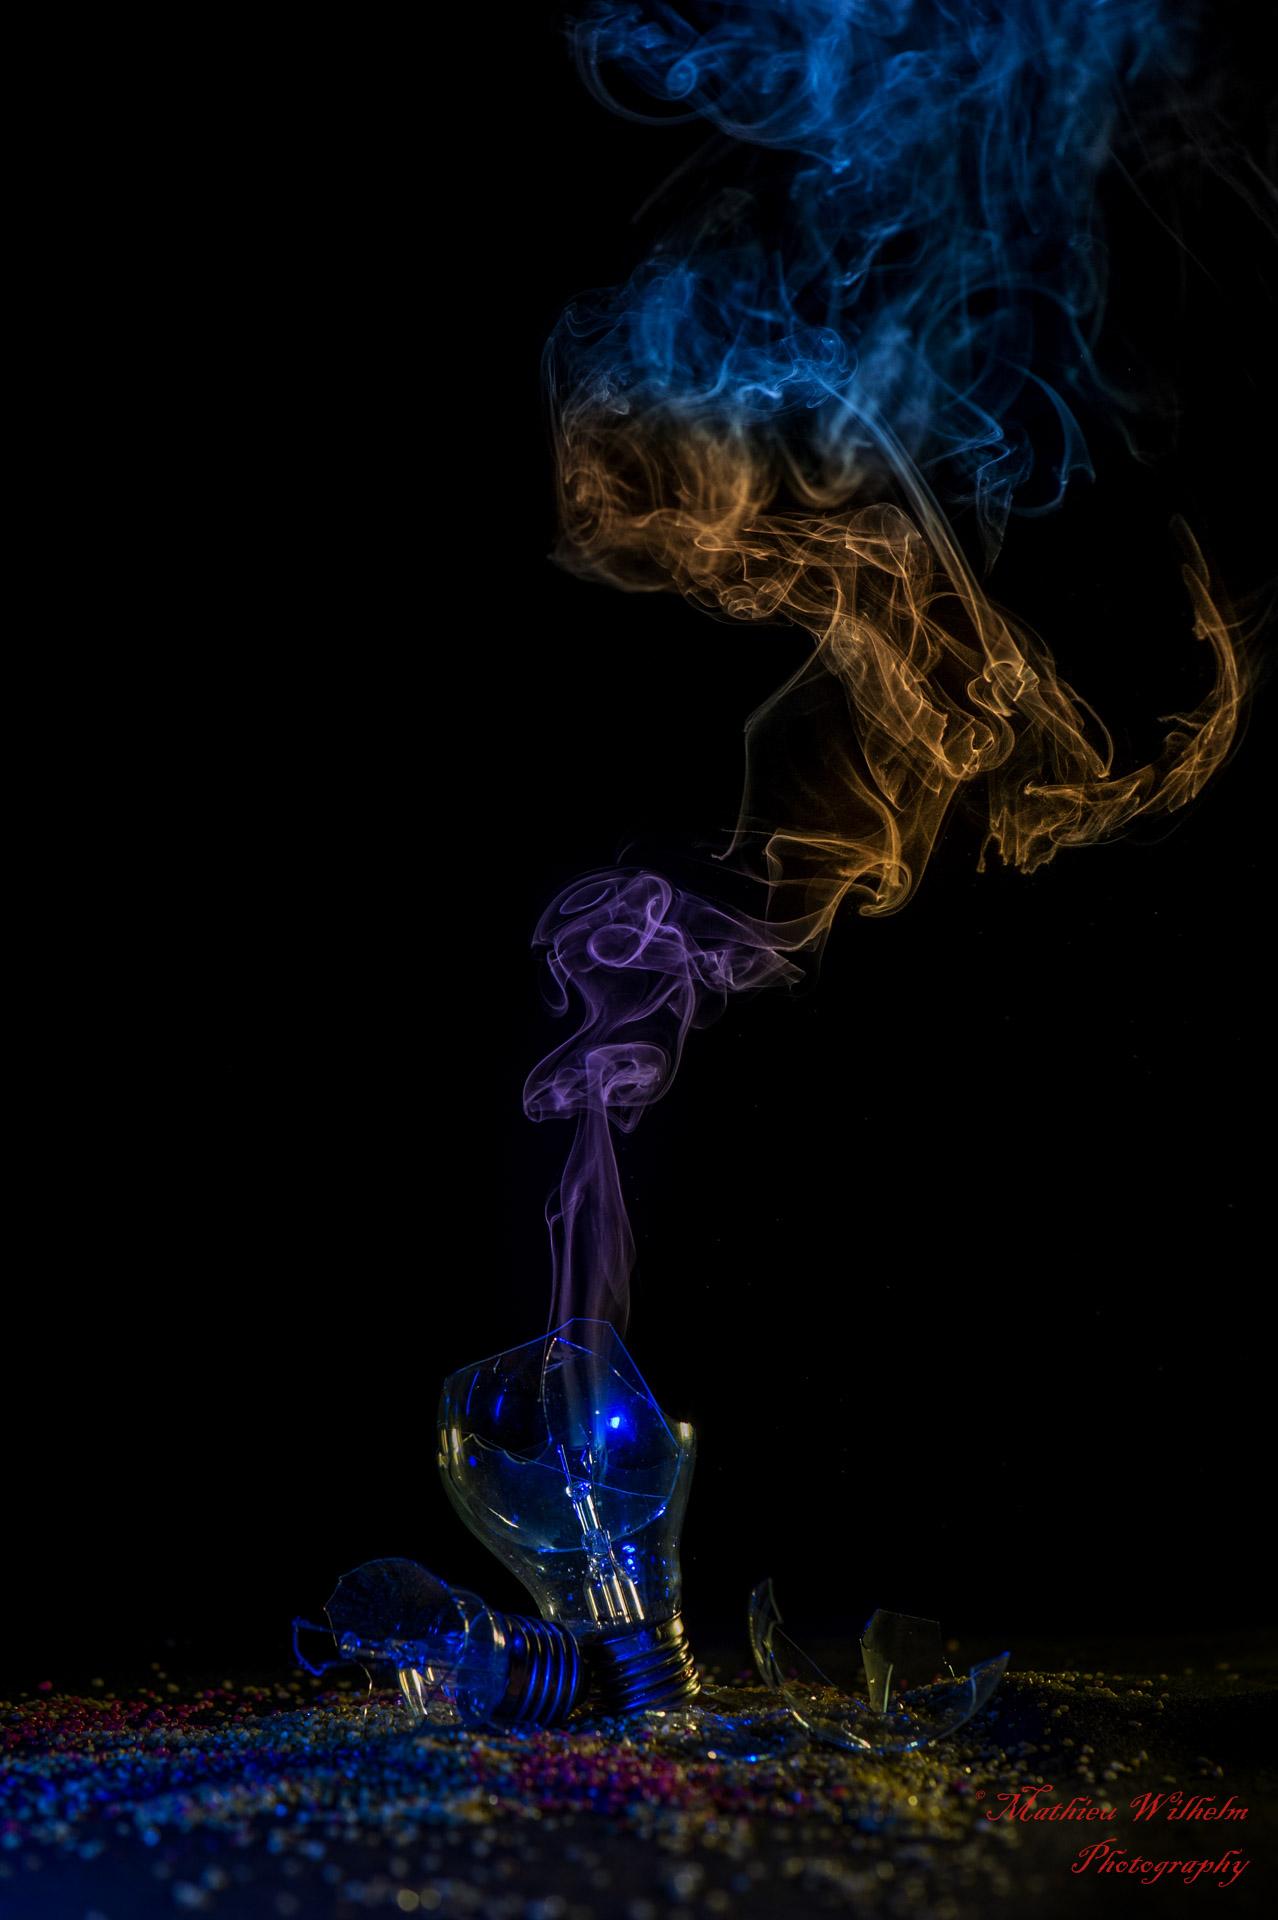 2018-11-28 Ampoules fumantes (4)